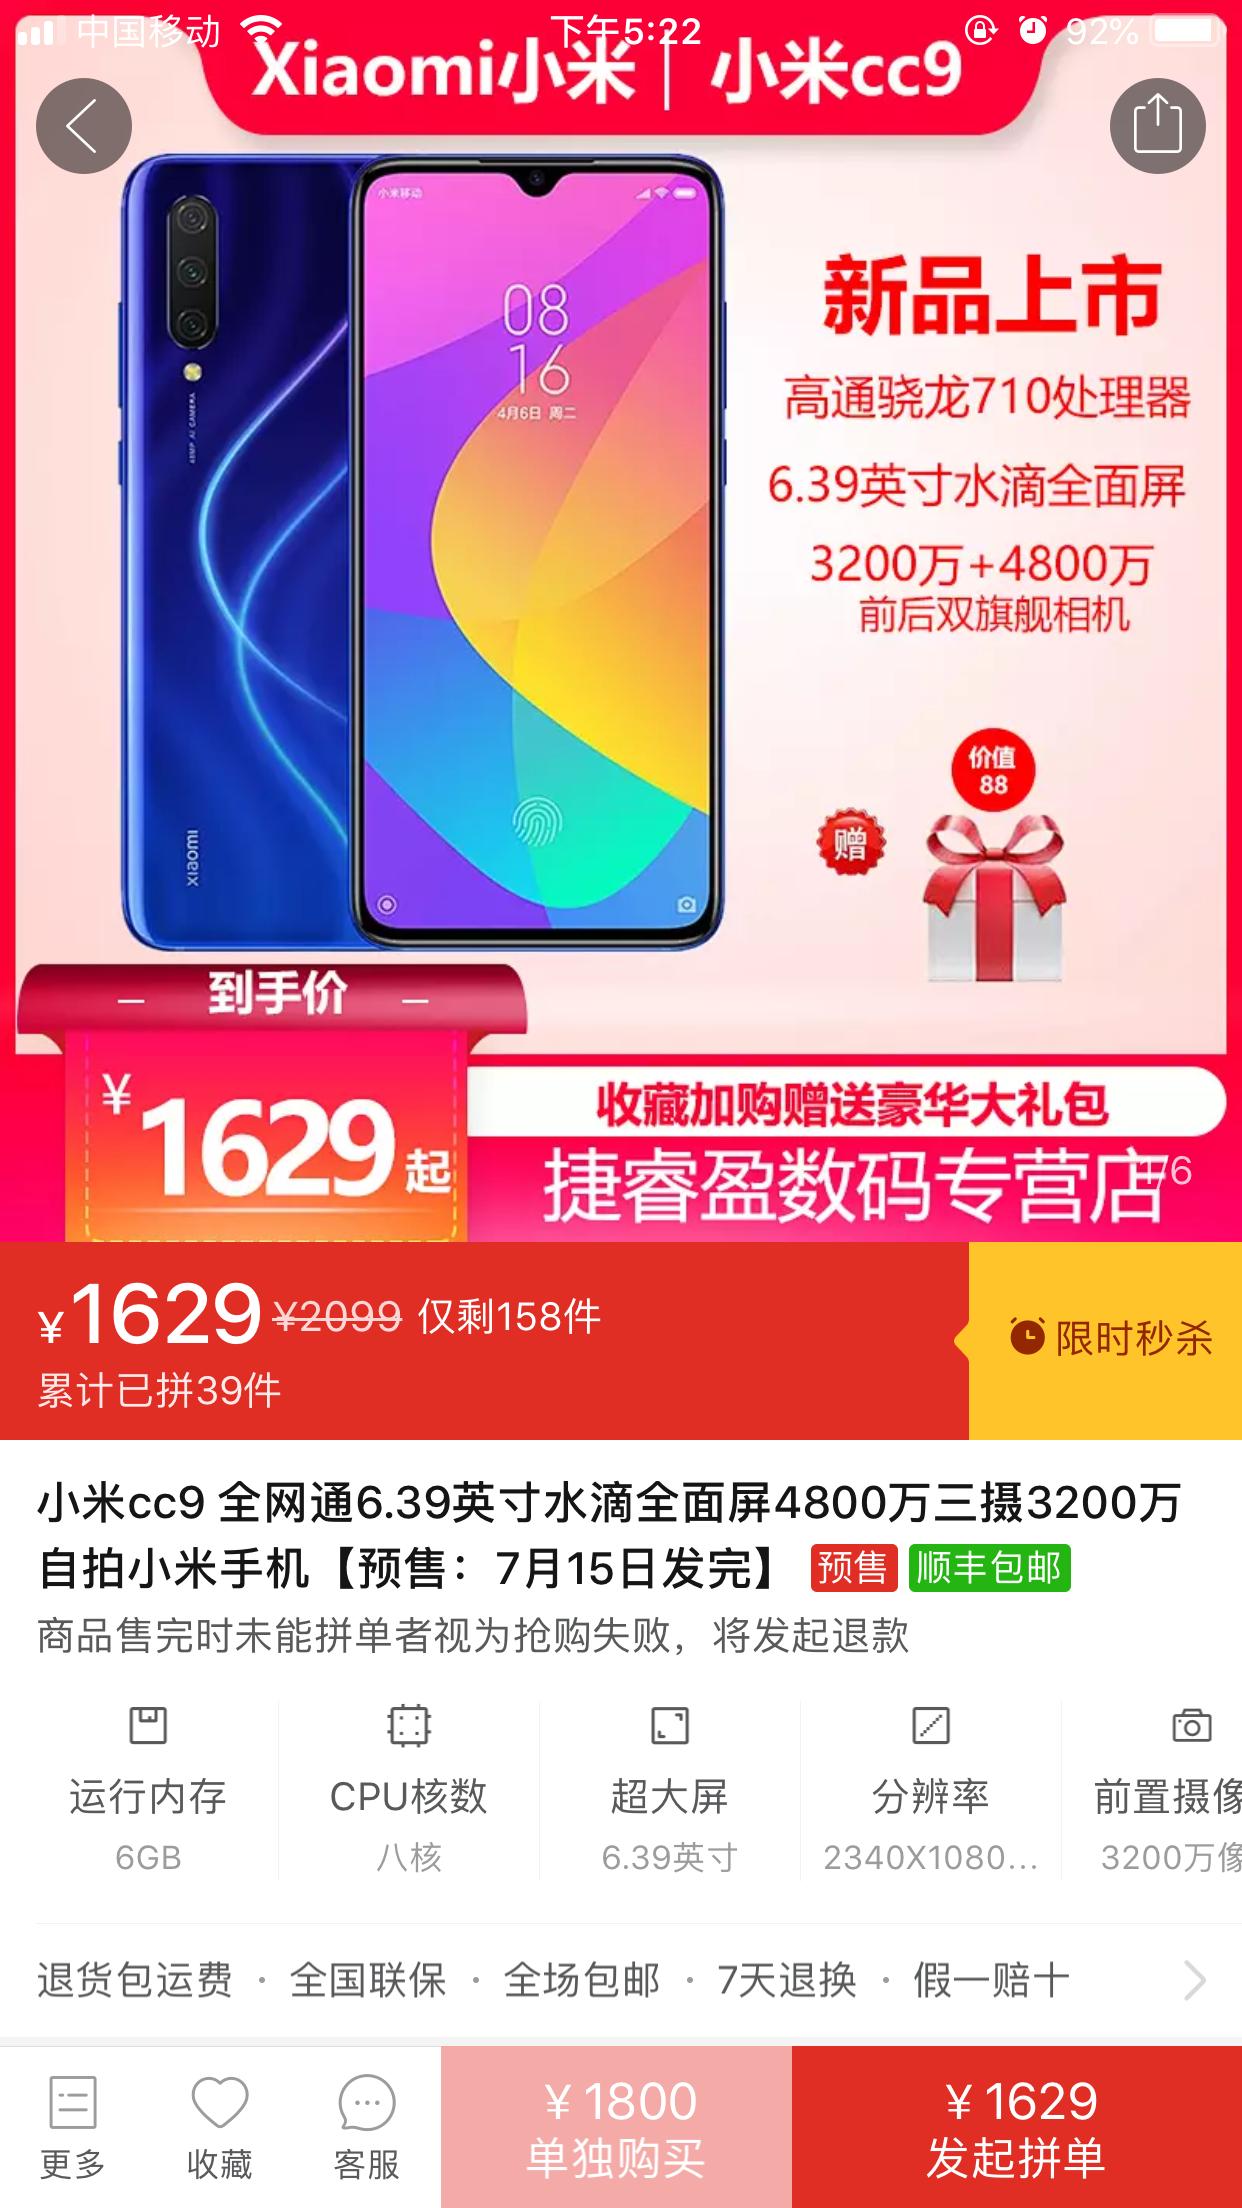 """""""等等党""""福音,小米CC9首降!6GB+64GB版仅售1629元起"""